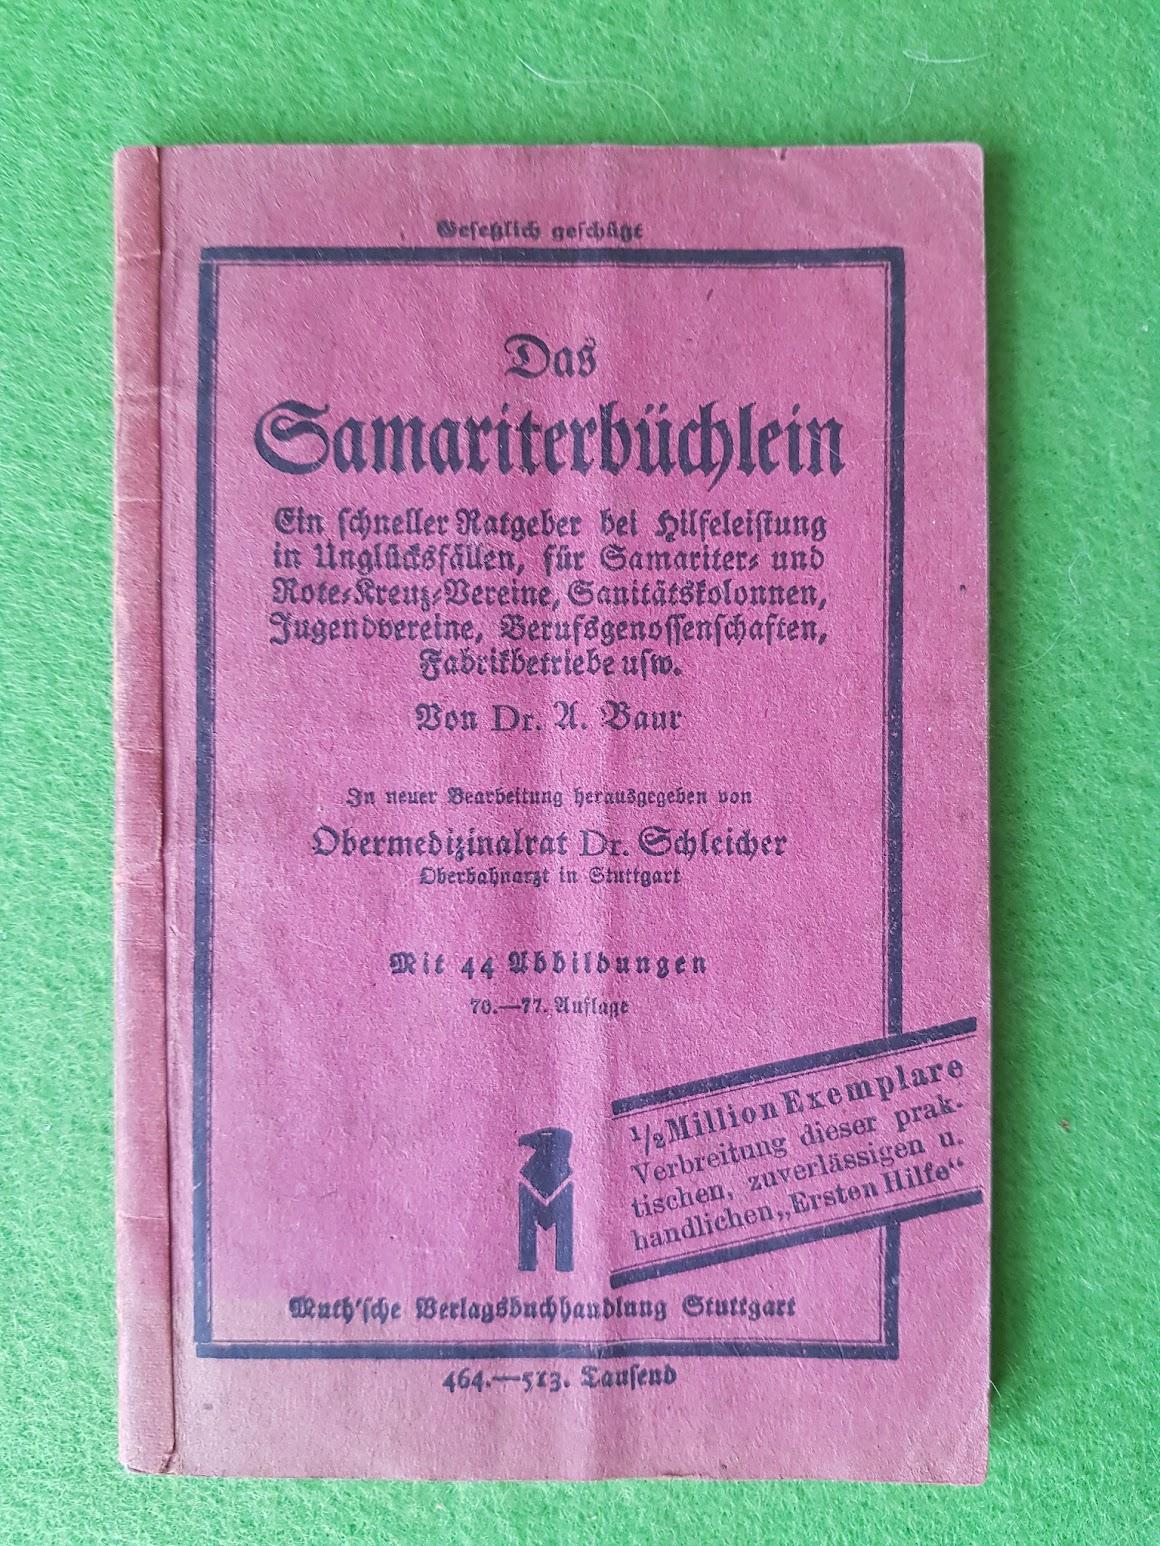 Erste Hilfe in Fabrikbetrieben - Das Samariterbüchlein, 1915